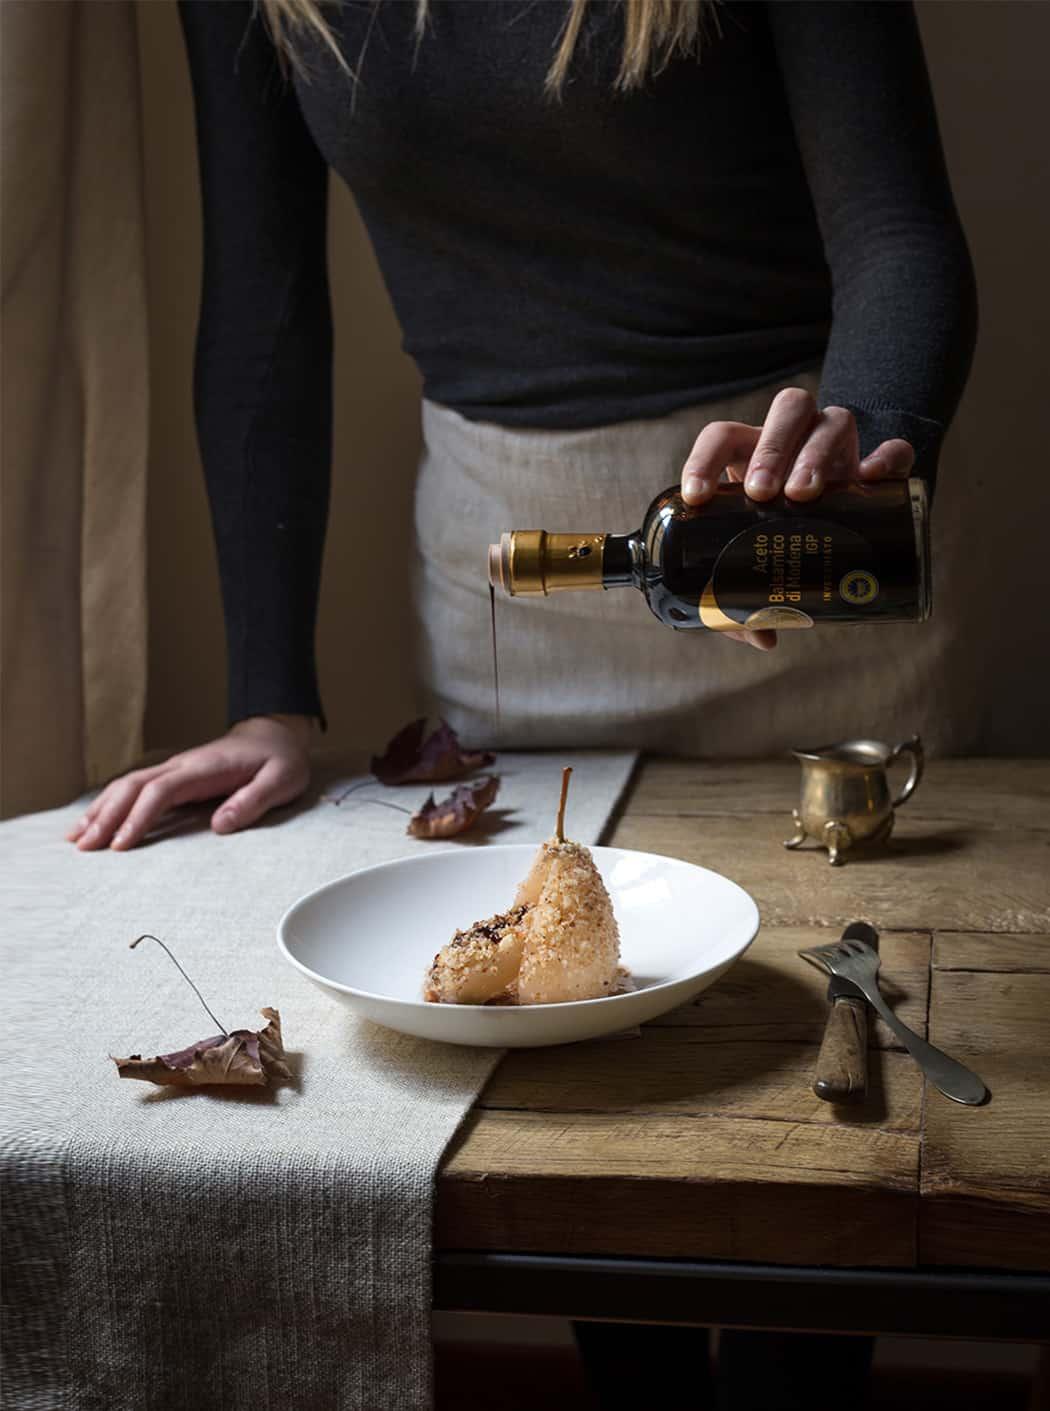 pere caramellate all'aceto balsamico di modena IGP